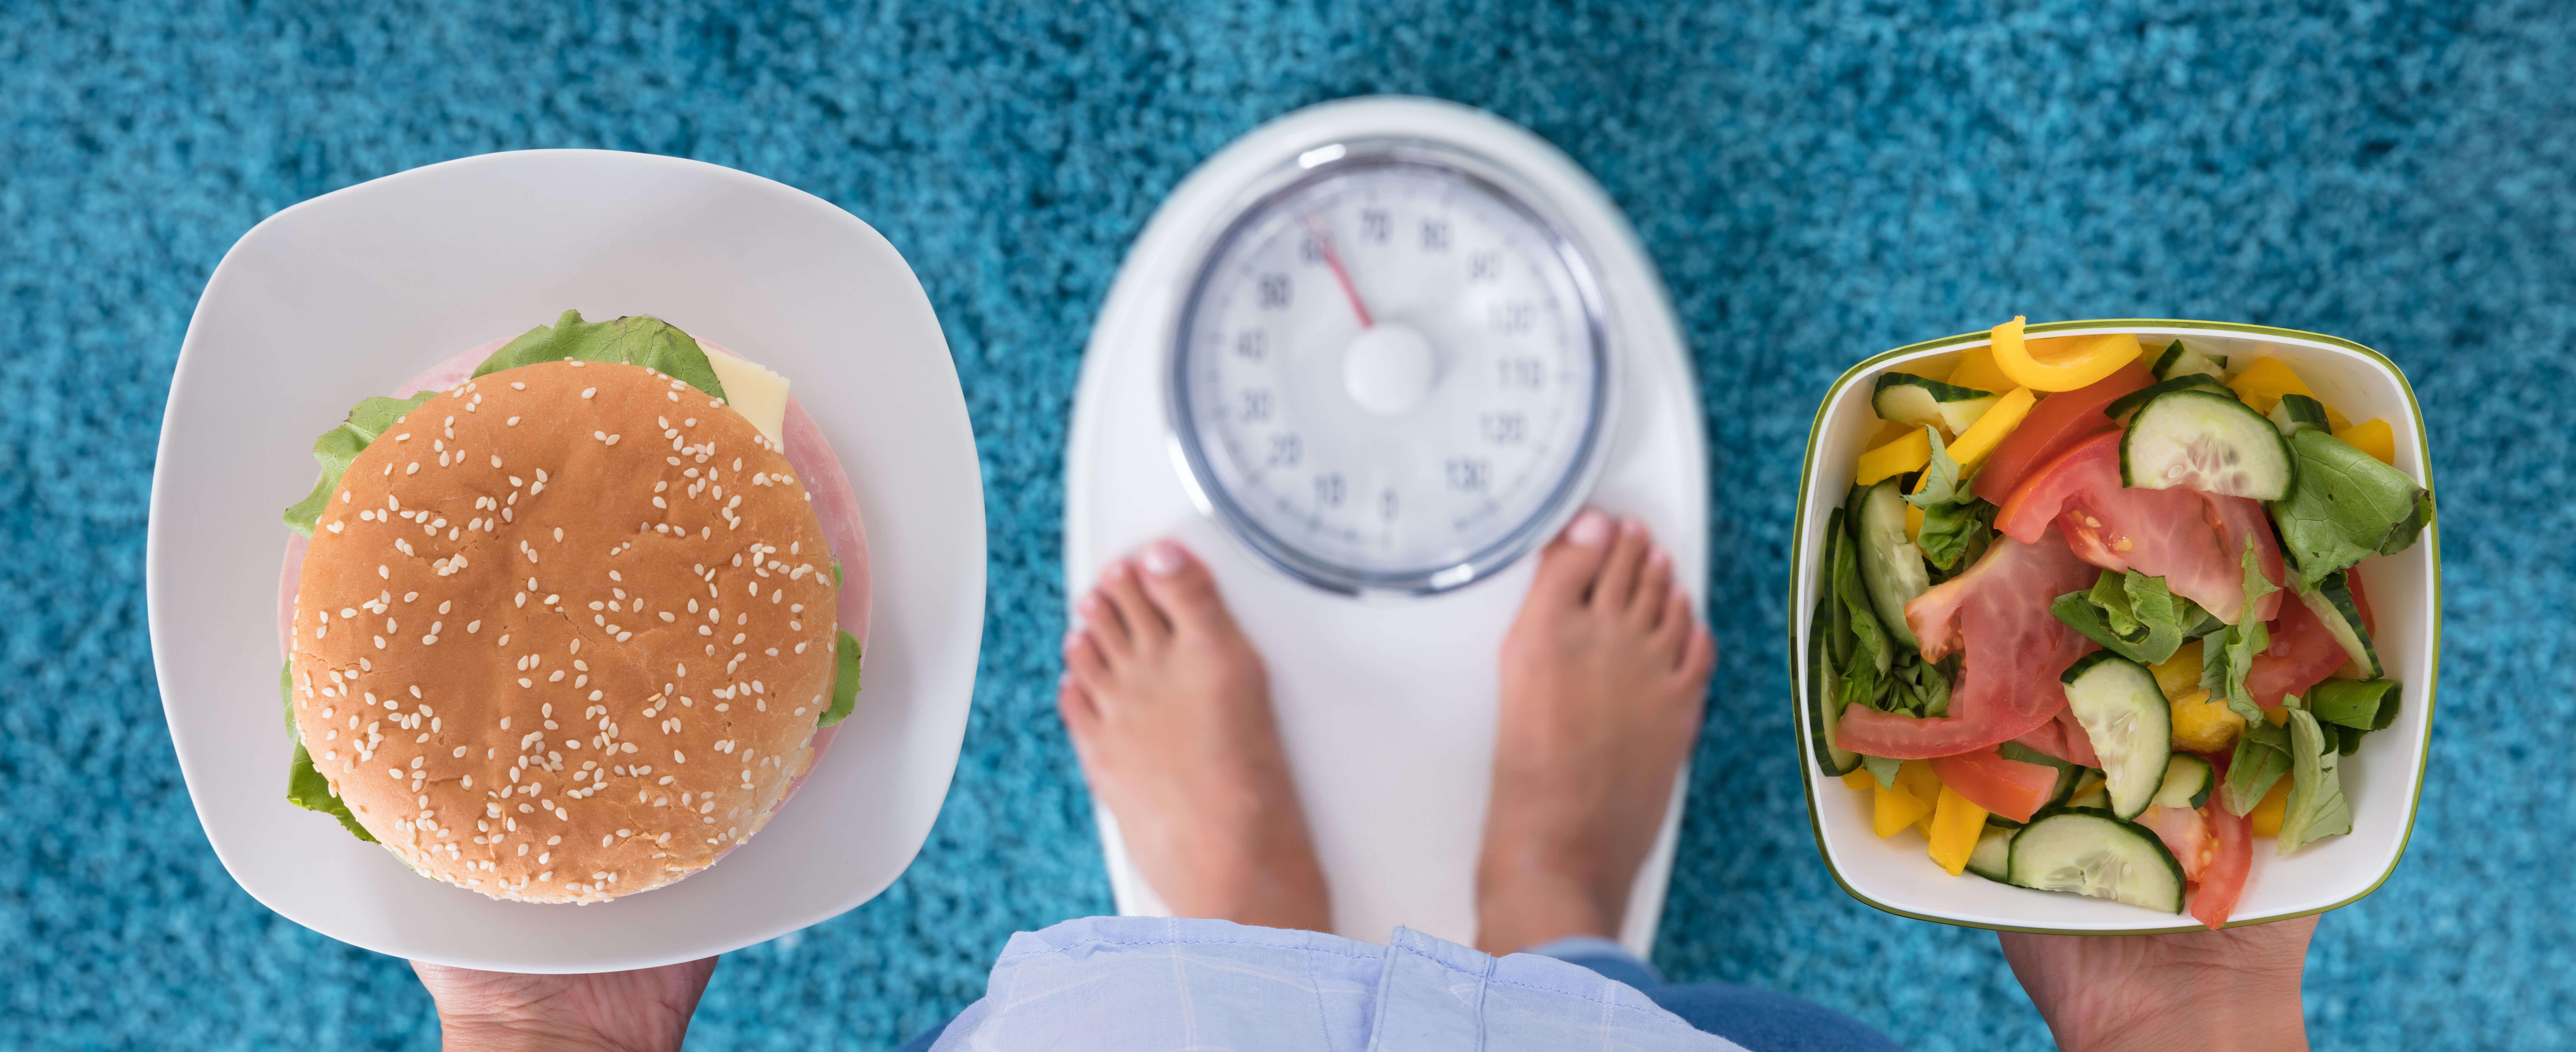 Warum Abnehmen mit Diät nicht funktioniert  – Wie Sie dem Jojo-Effekt entgehen!